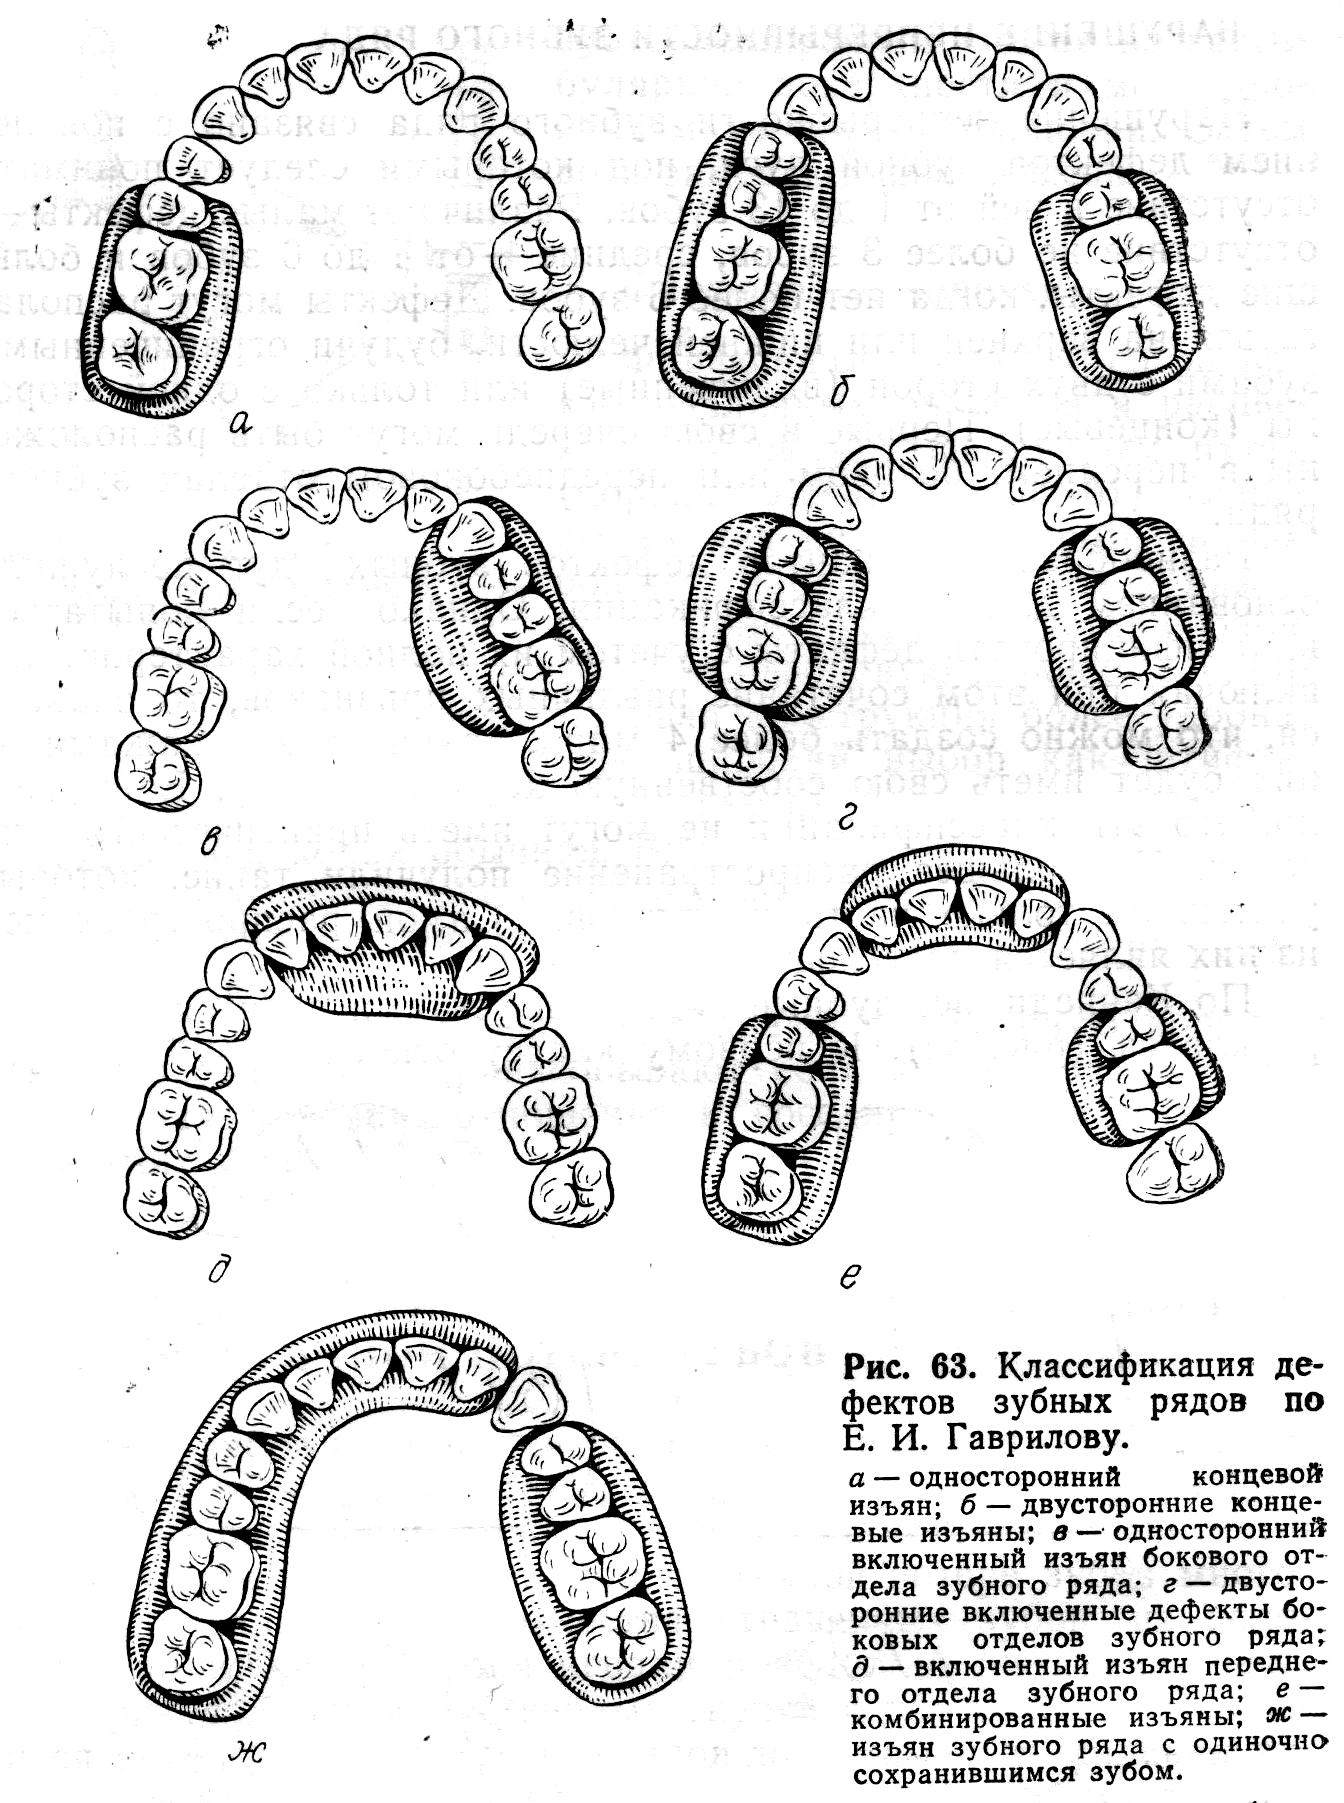 Дефекты зубного ряда реферат 6315